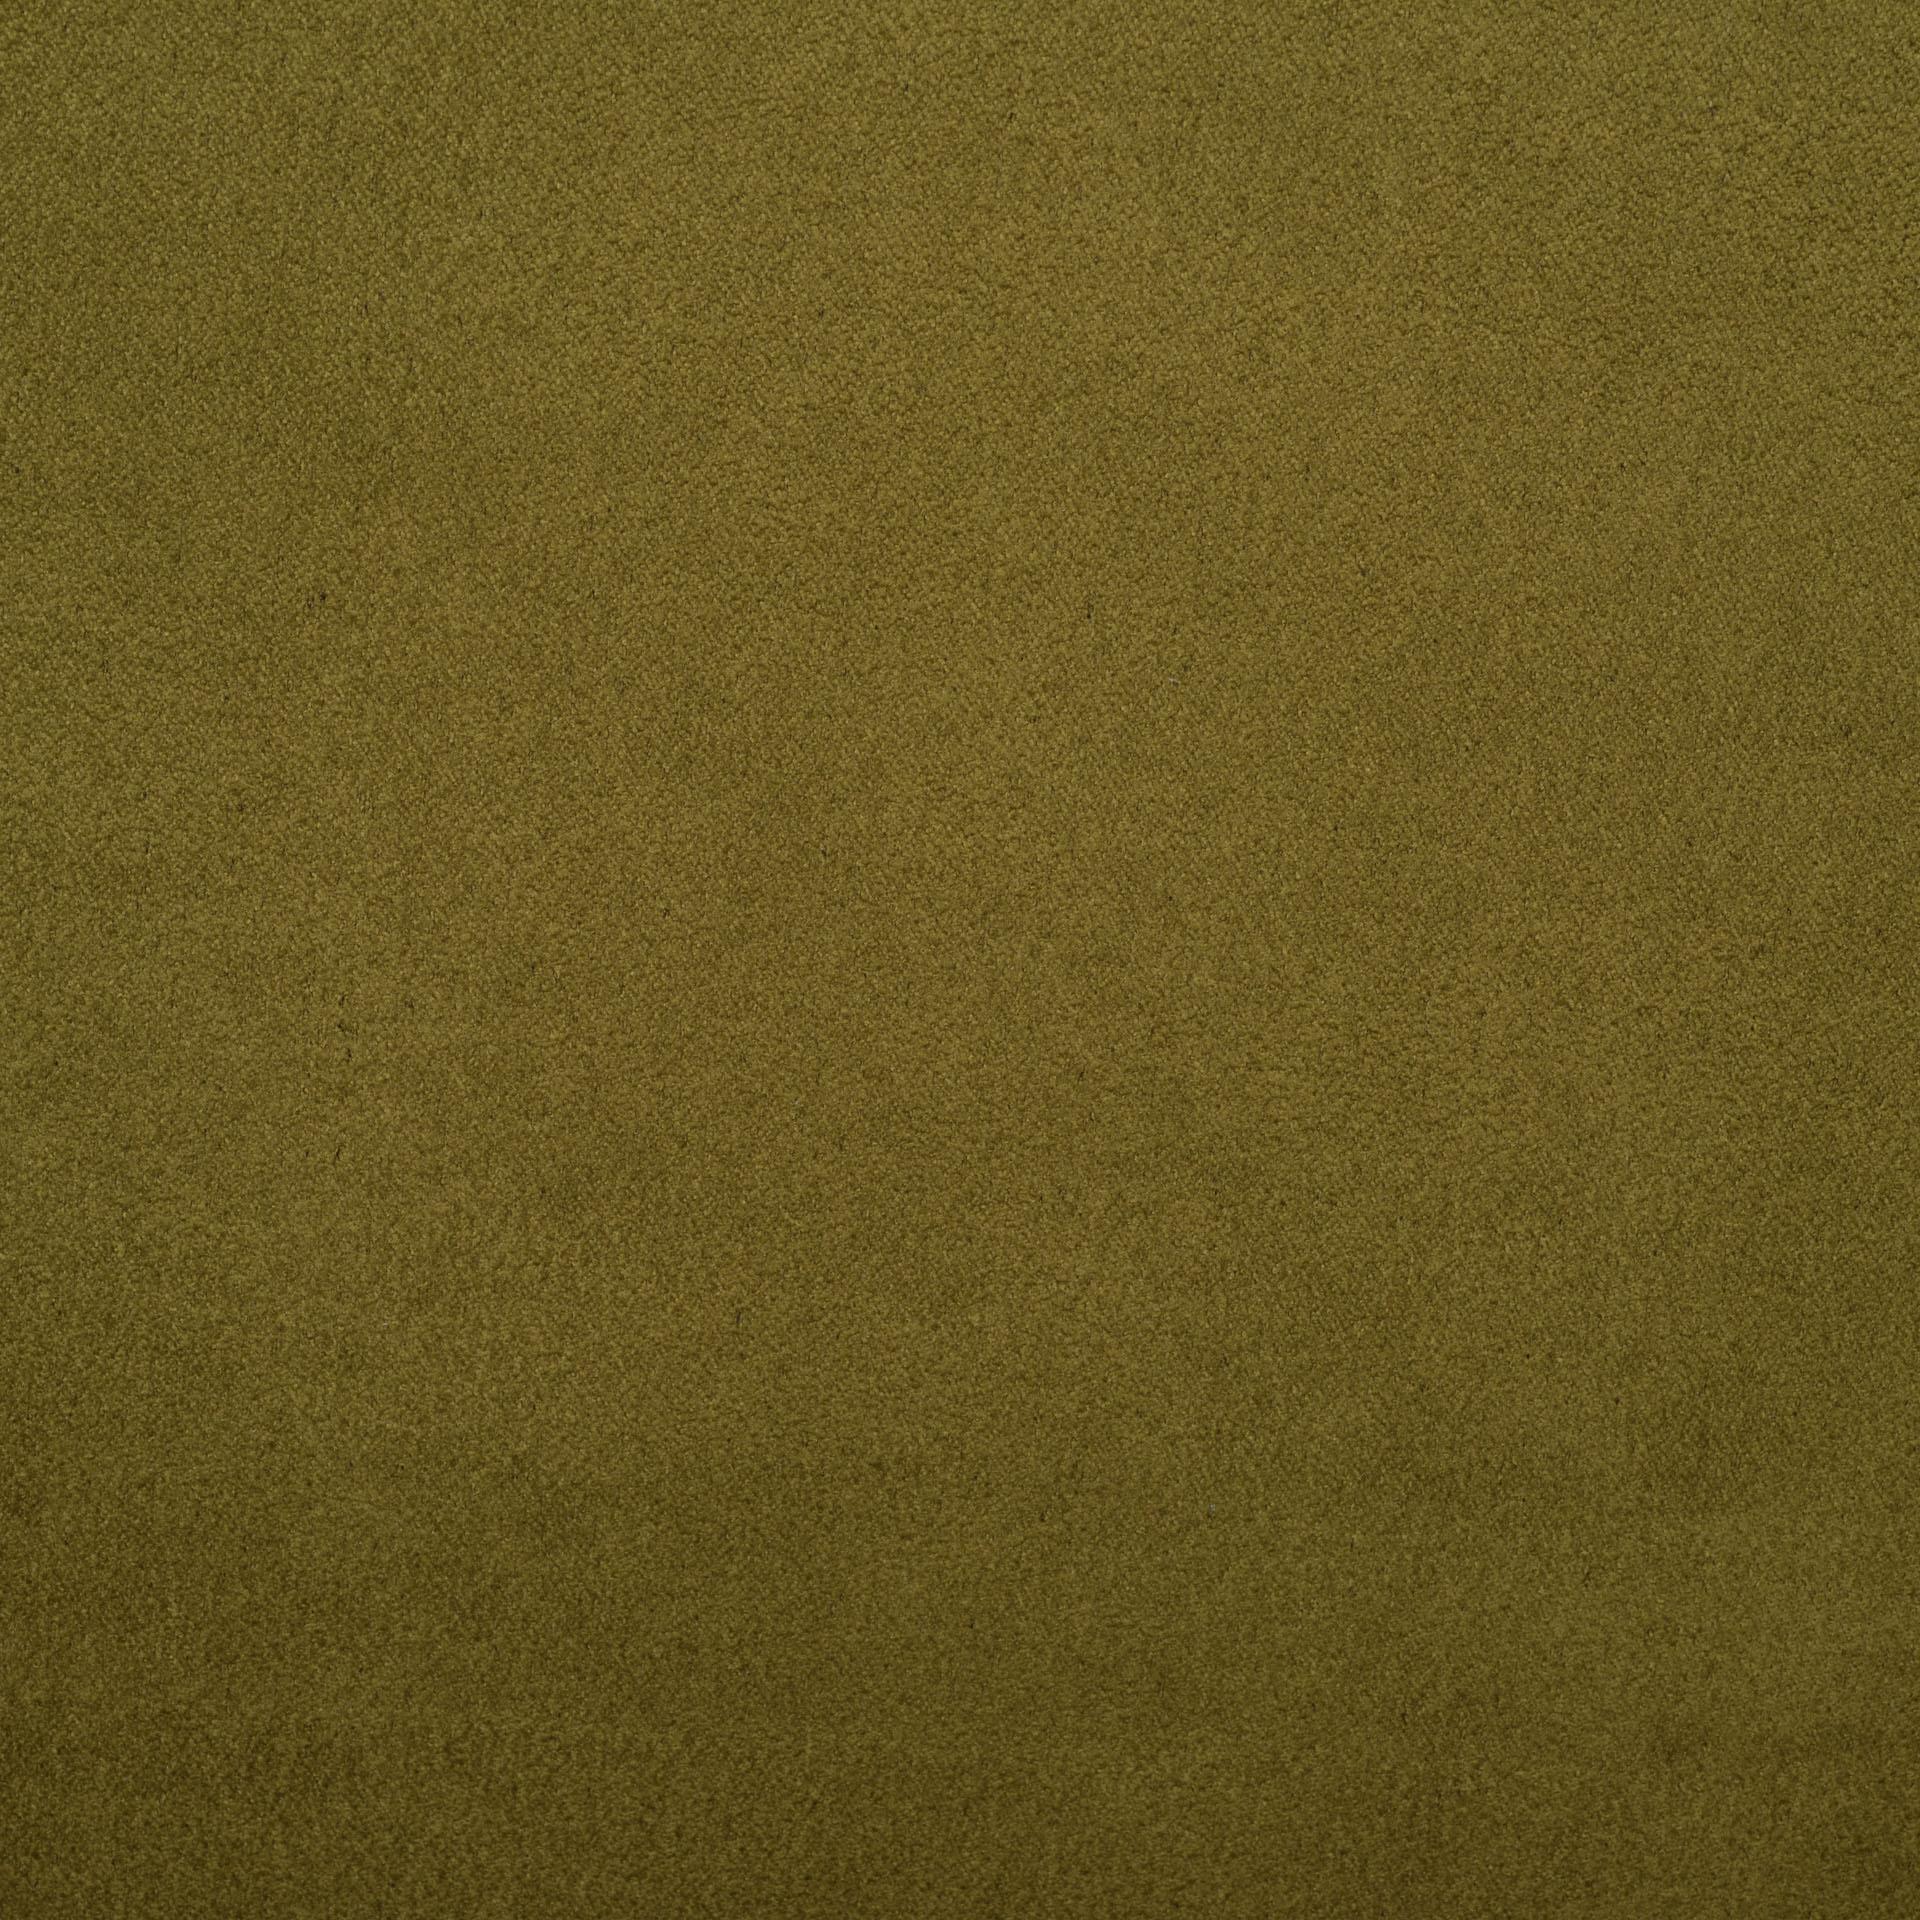 Коллекция ткани Бонд GREEN 10,  купить ткань Велюр для мебели Украина